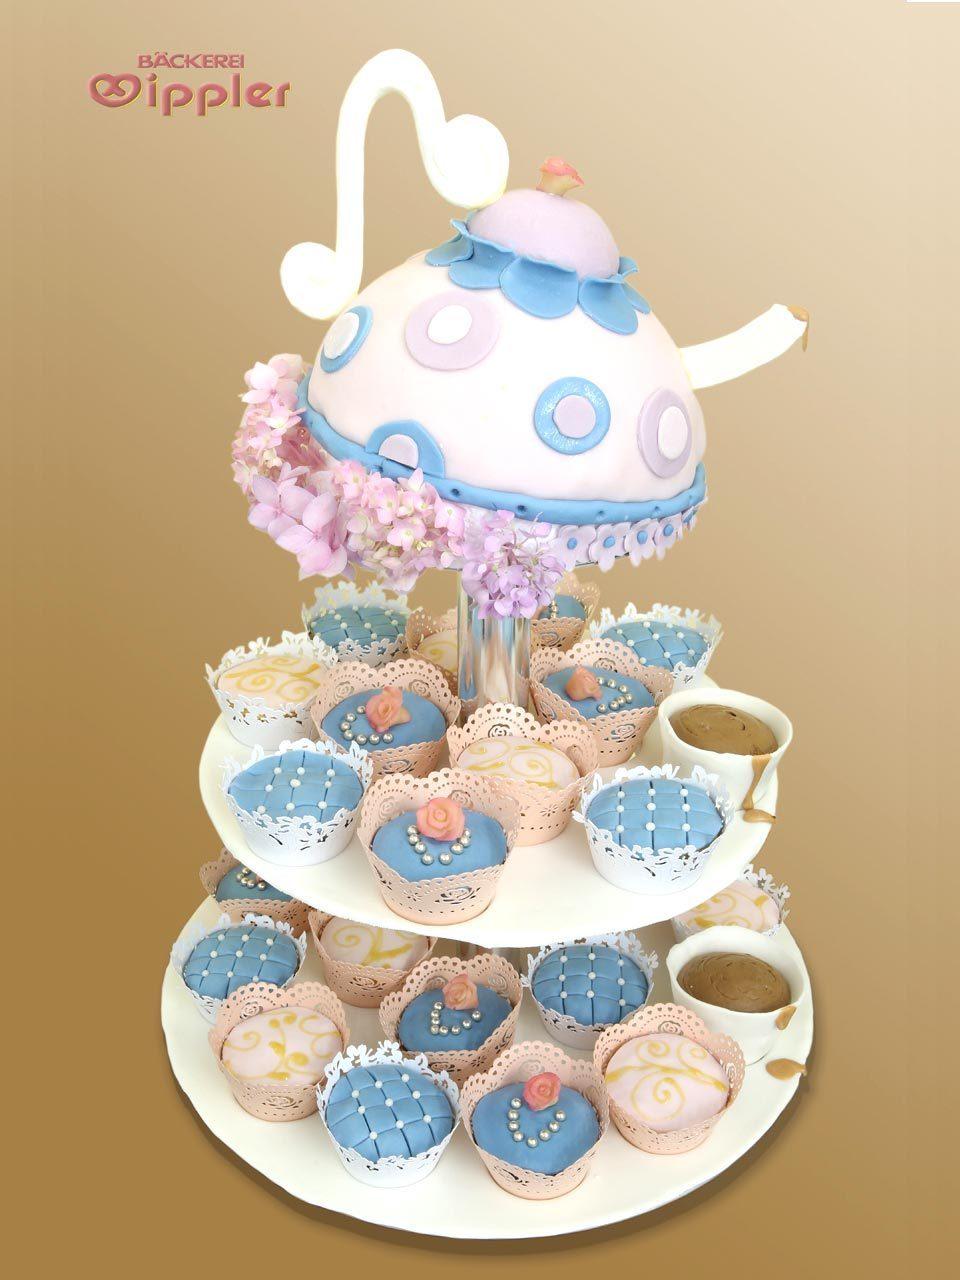 hochzeits torte kaffeezeit cupcakes auf. Black Bedroom Furniture Sets. Home Design Ideas